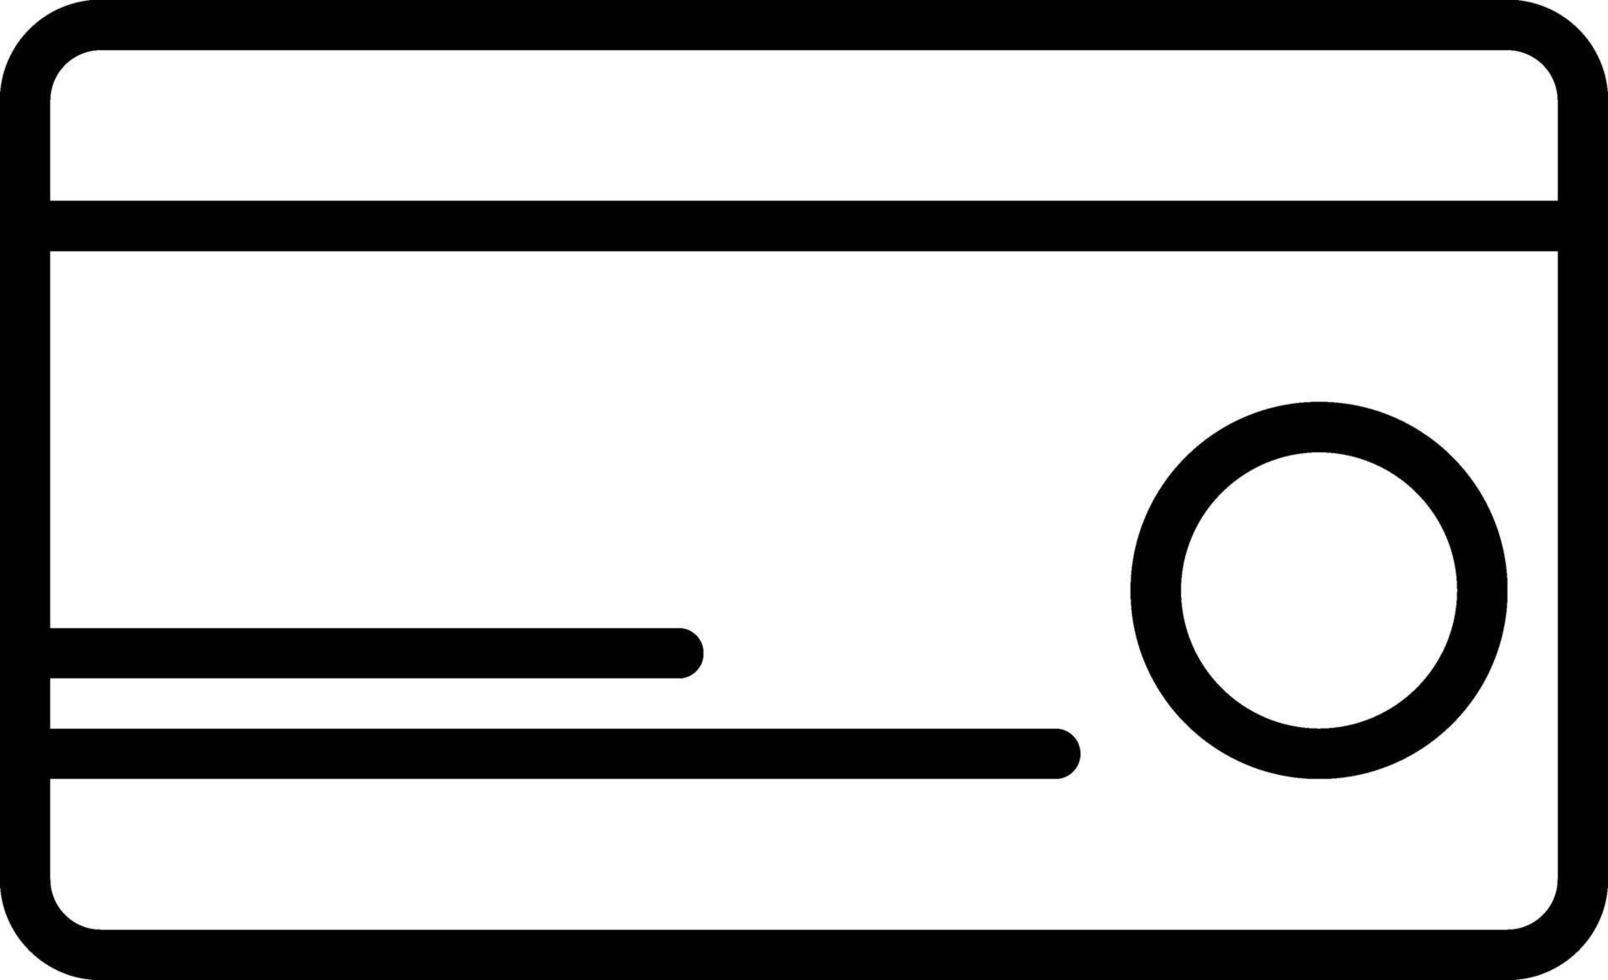 icona della linea per l'addebito vettore